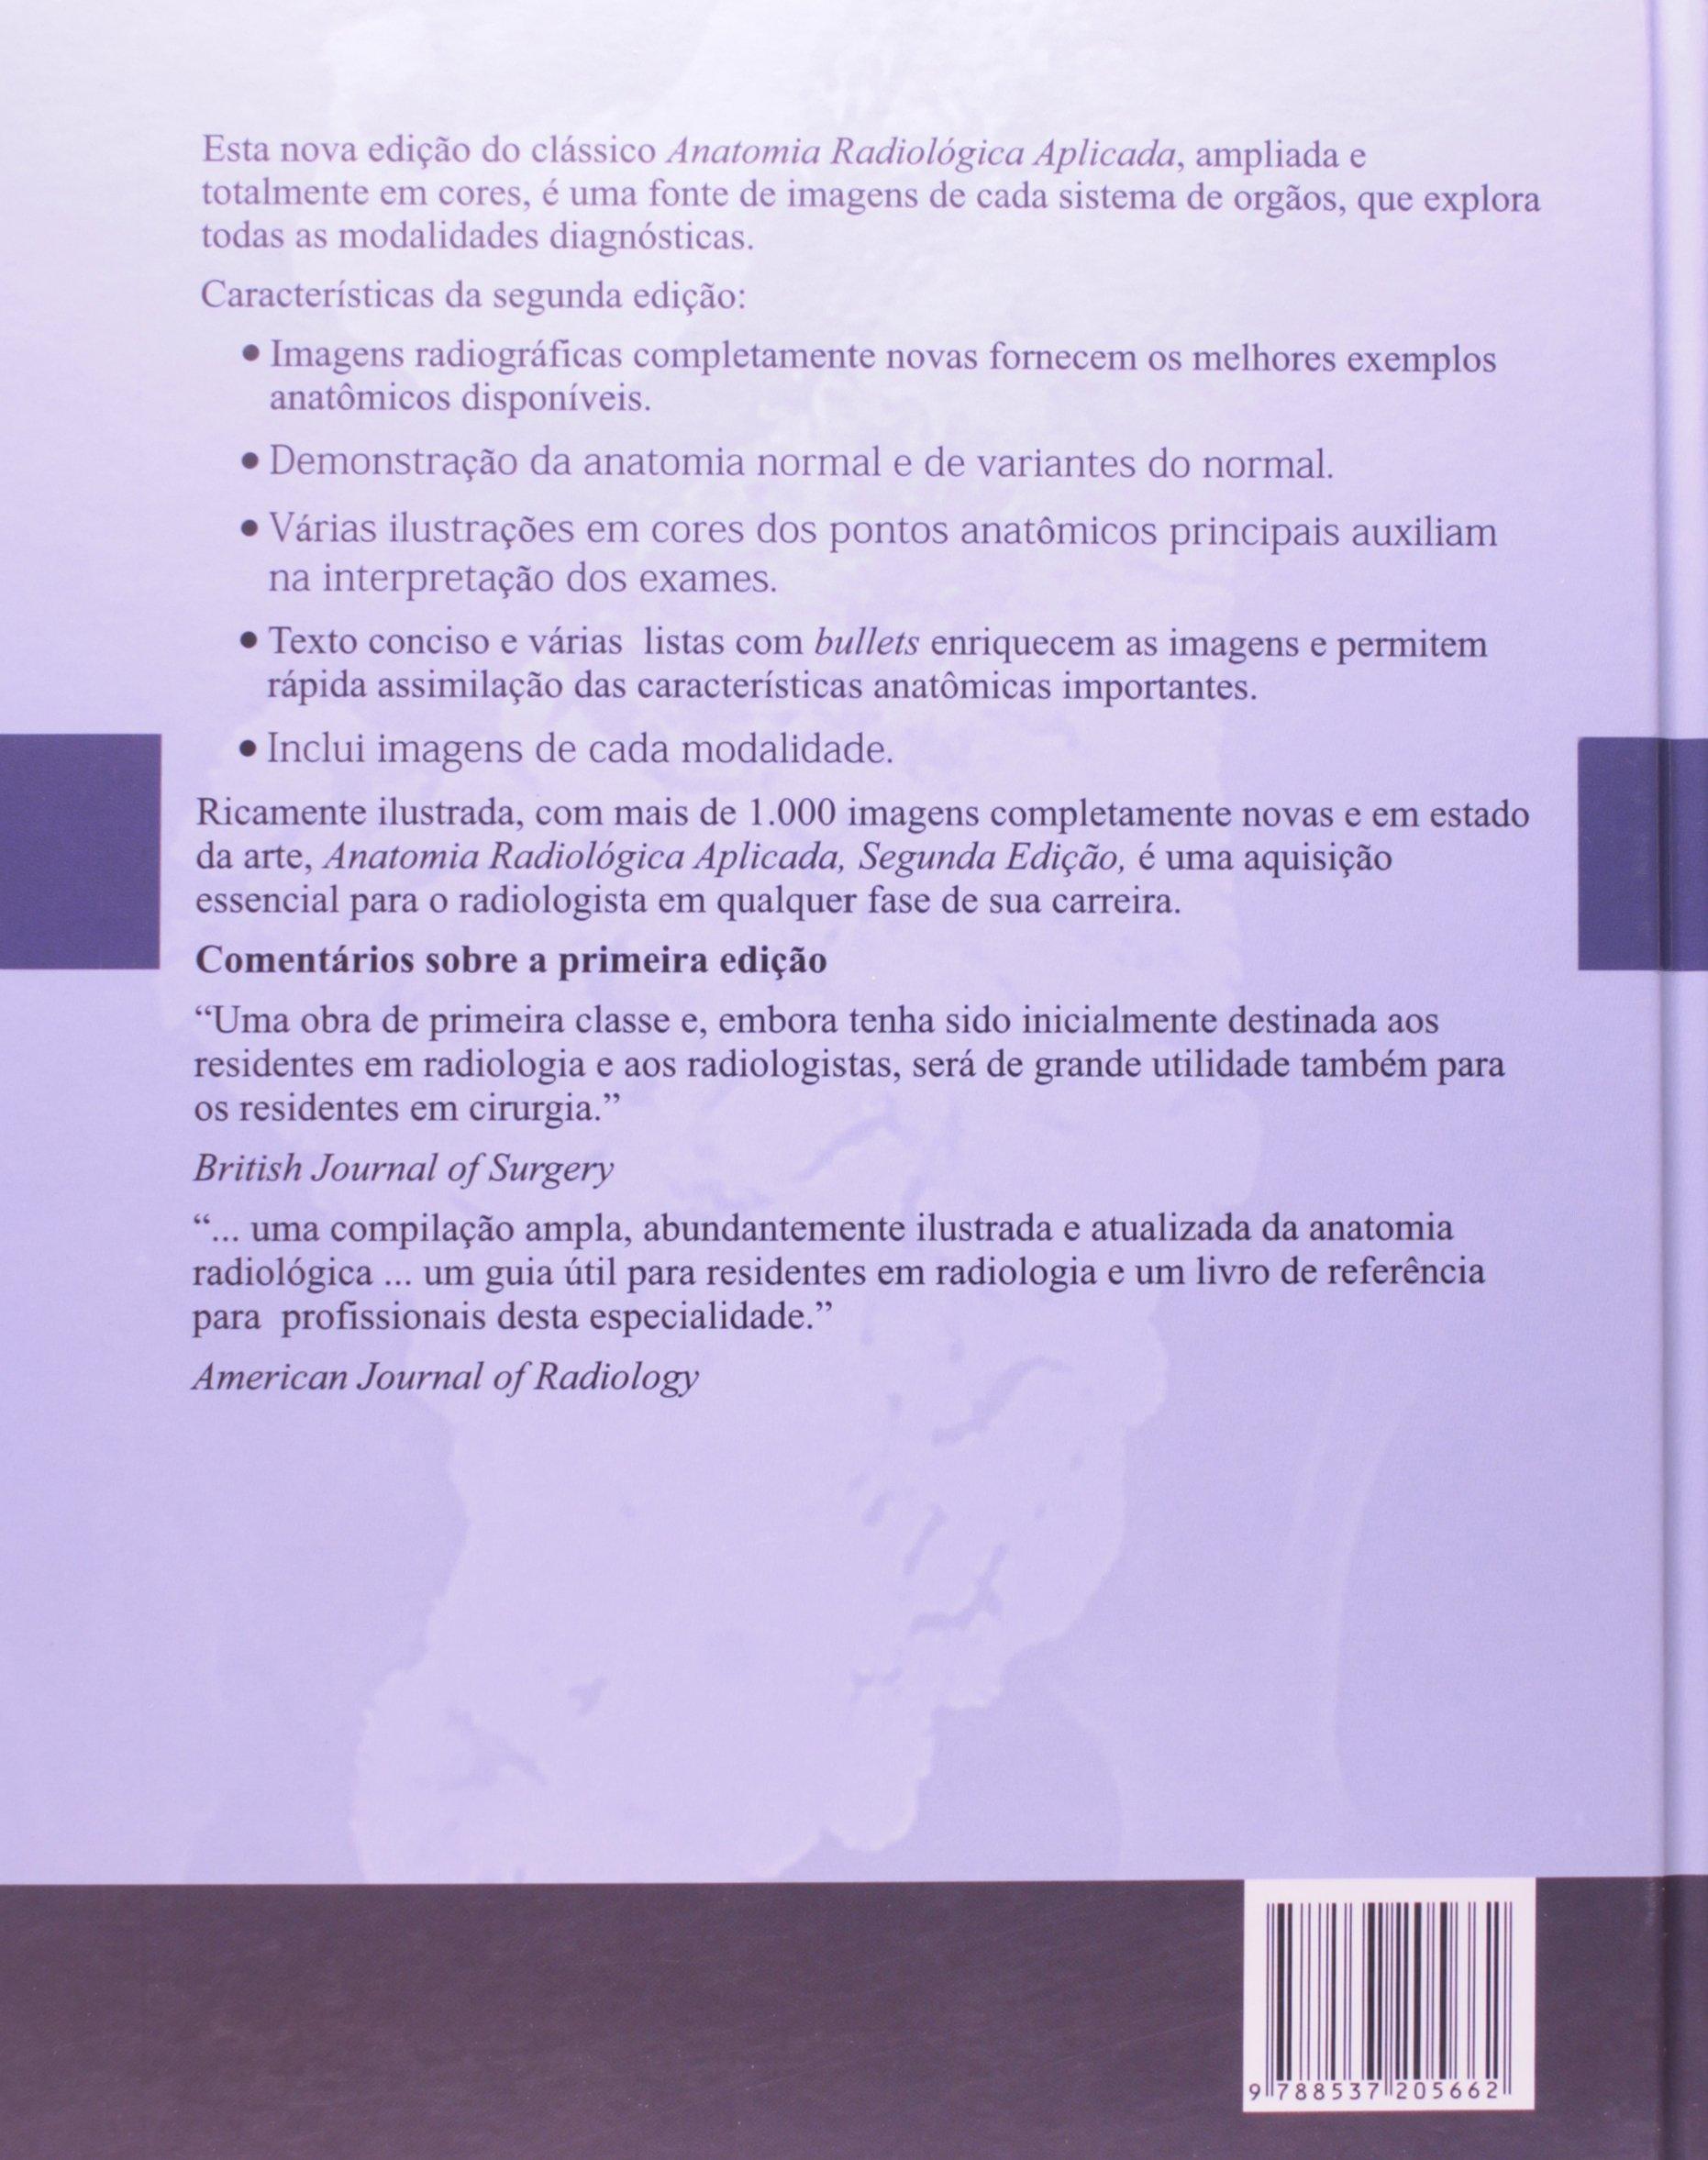 Anatomia Radiologica Aplicada: Amazon.es: Butler: Libros